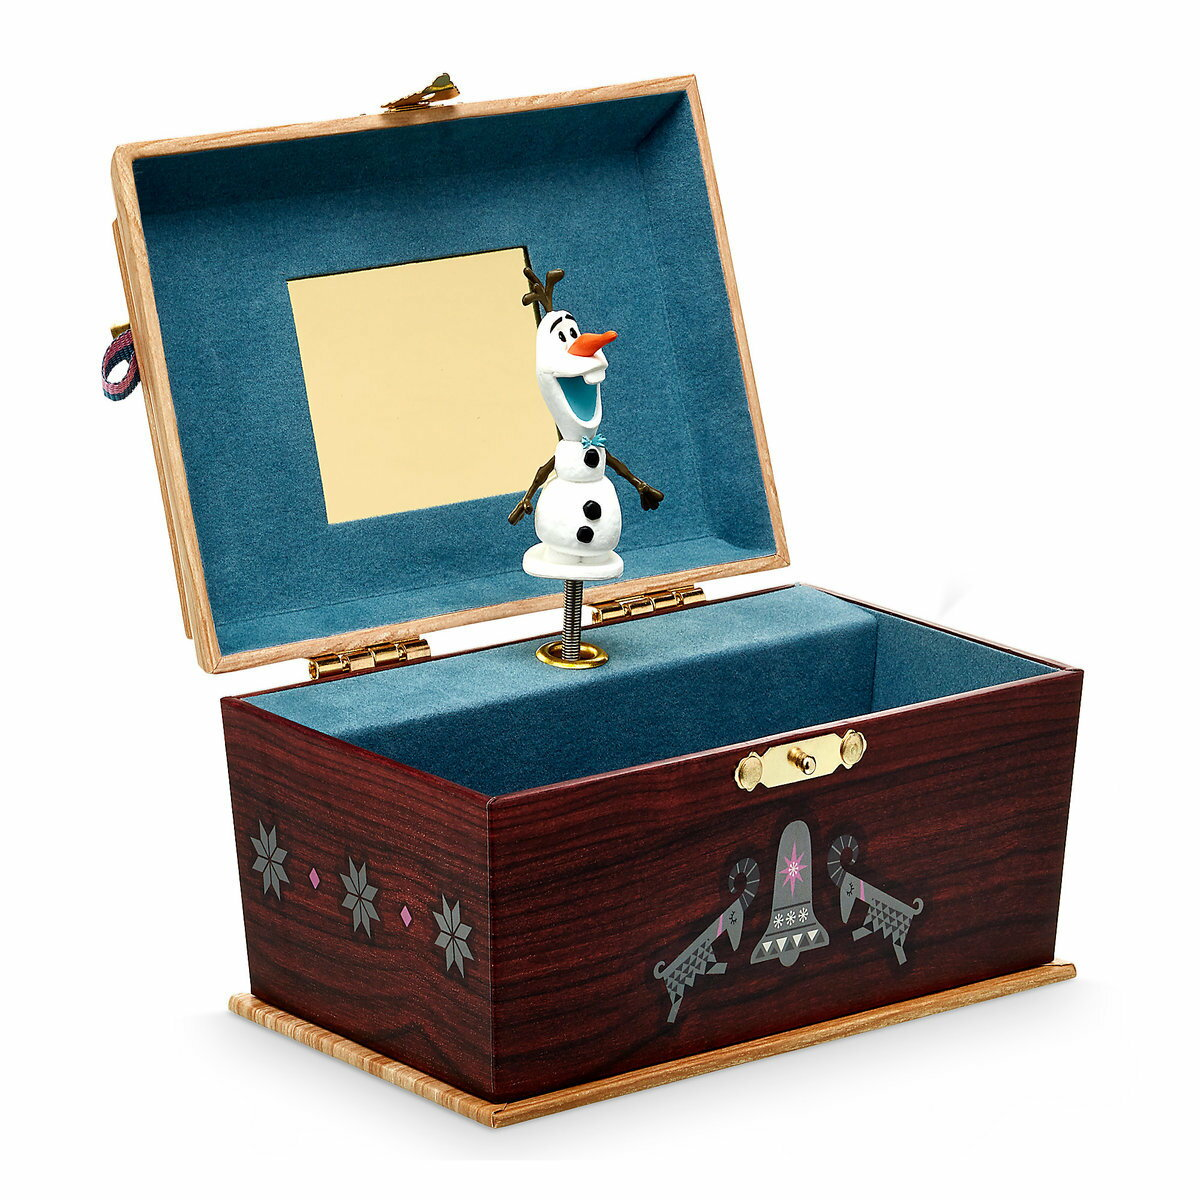 US版 ディズニー アナと雪の女王 オラフ オルゴール ジュエリーボックス